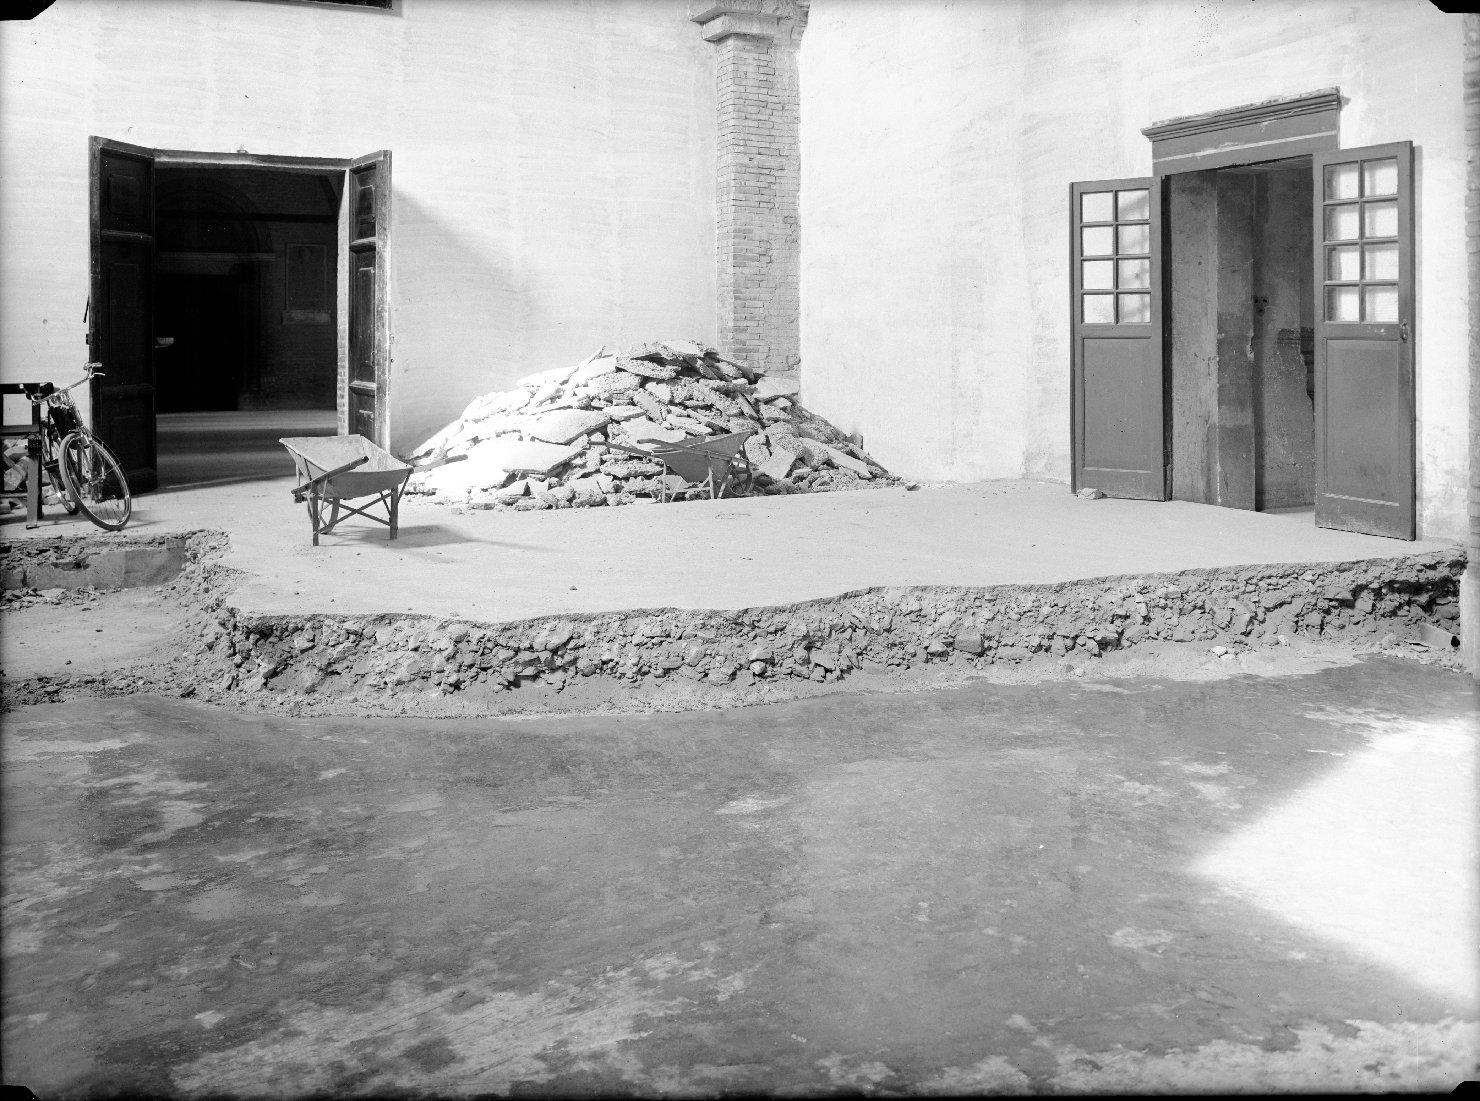 Architettura - Cappelle - Interni - Restauro (negativo, insieme) di Zagnoli, Alfonso, Antonio di Vincenzo (XX)